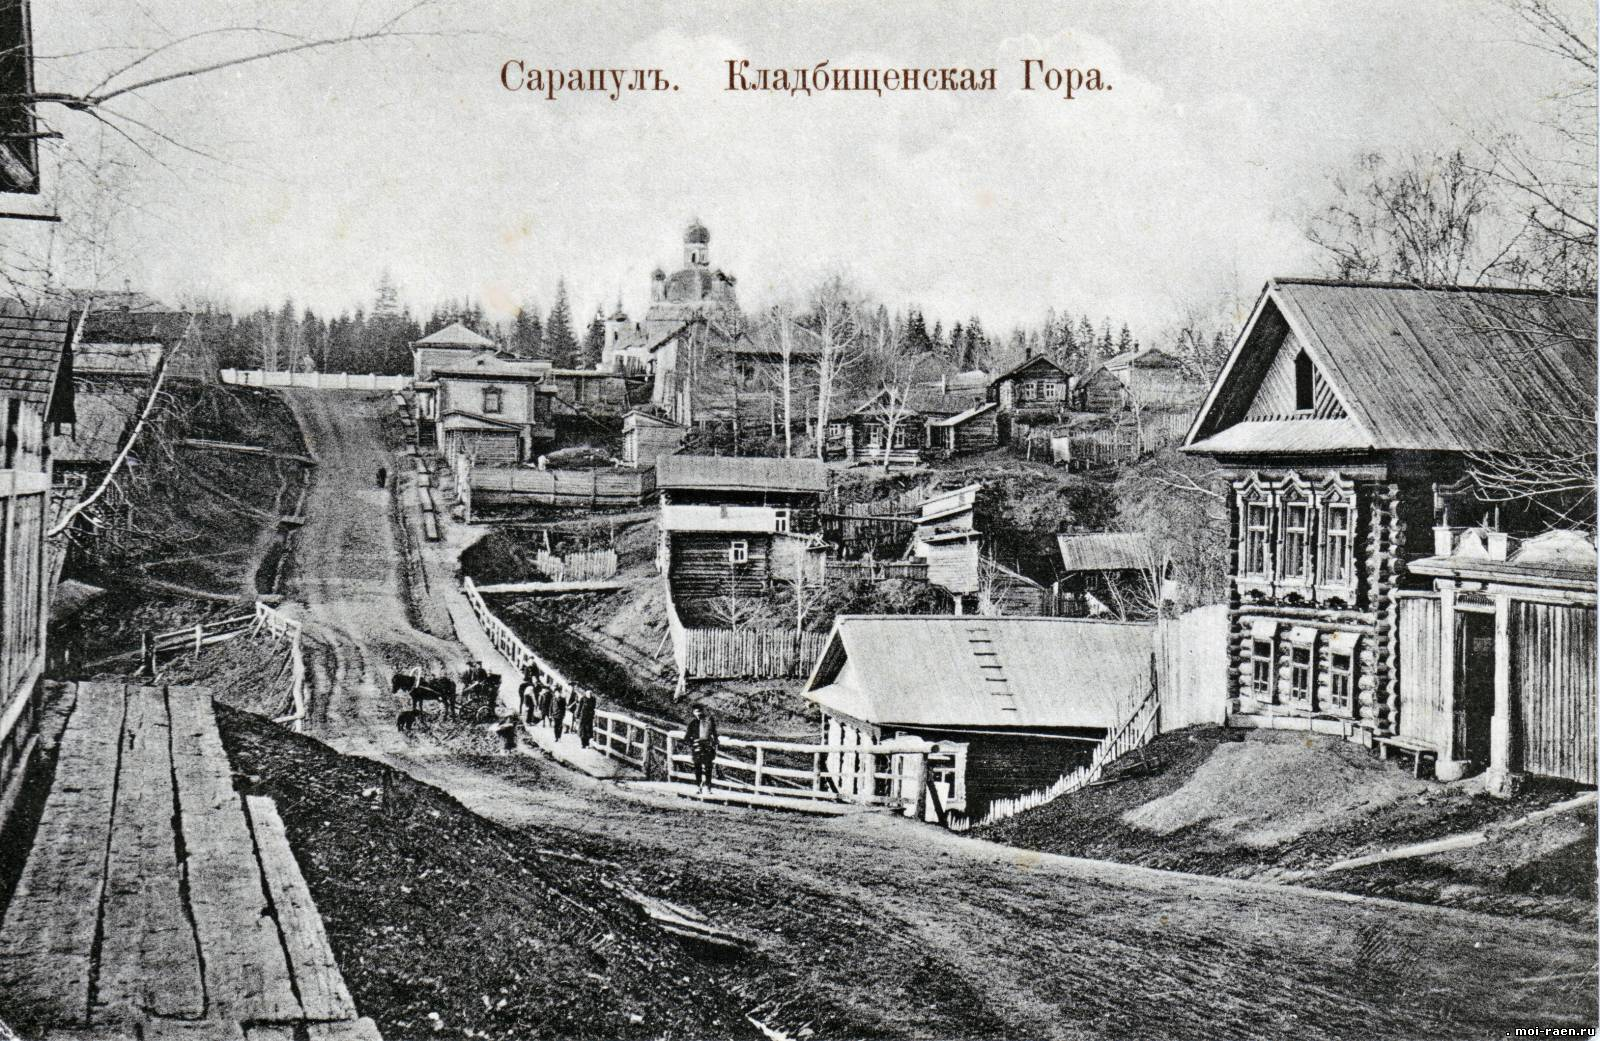 Кладбищенская гора